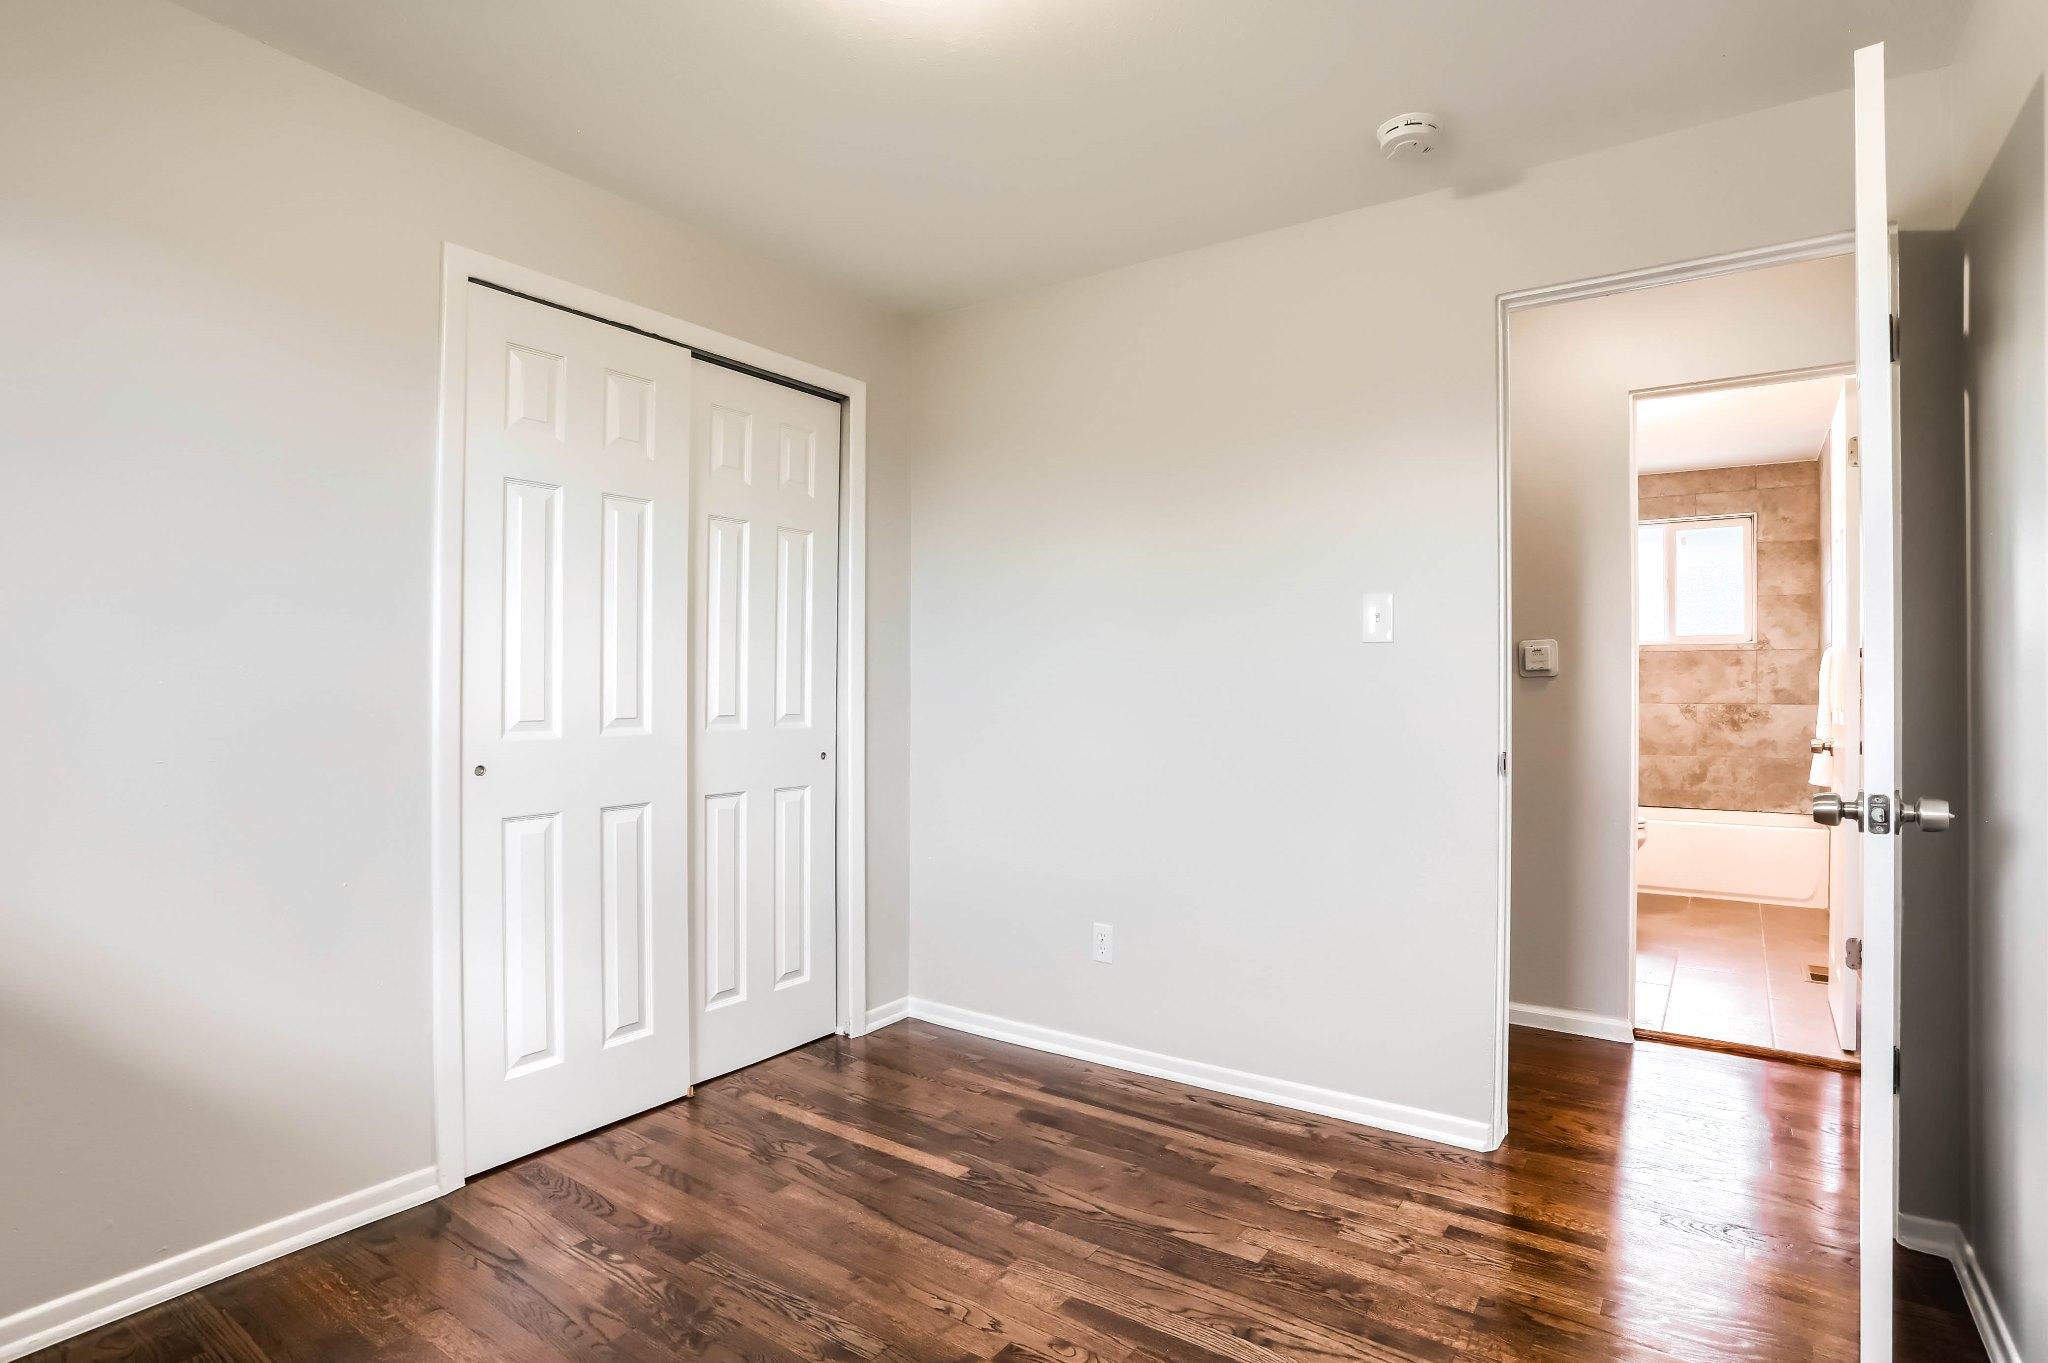 REAL ESTATE LISTING: 1309 Douglas Dr Denver Bedroom #2